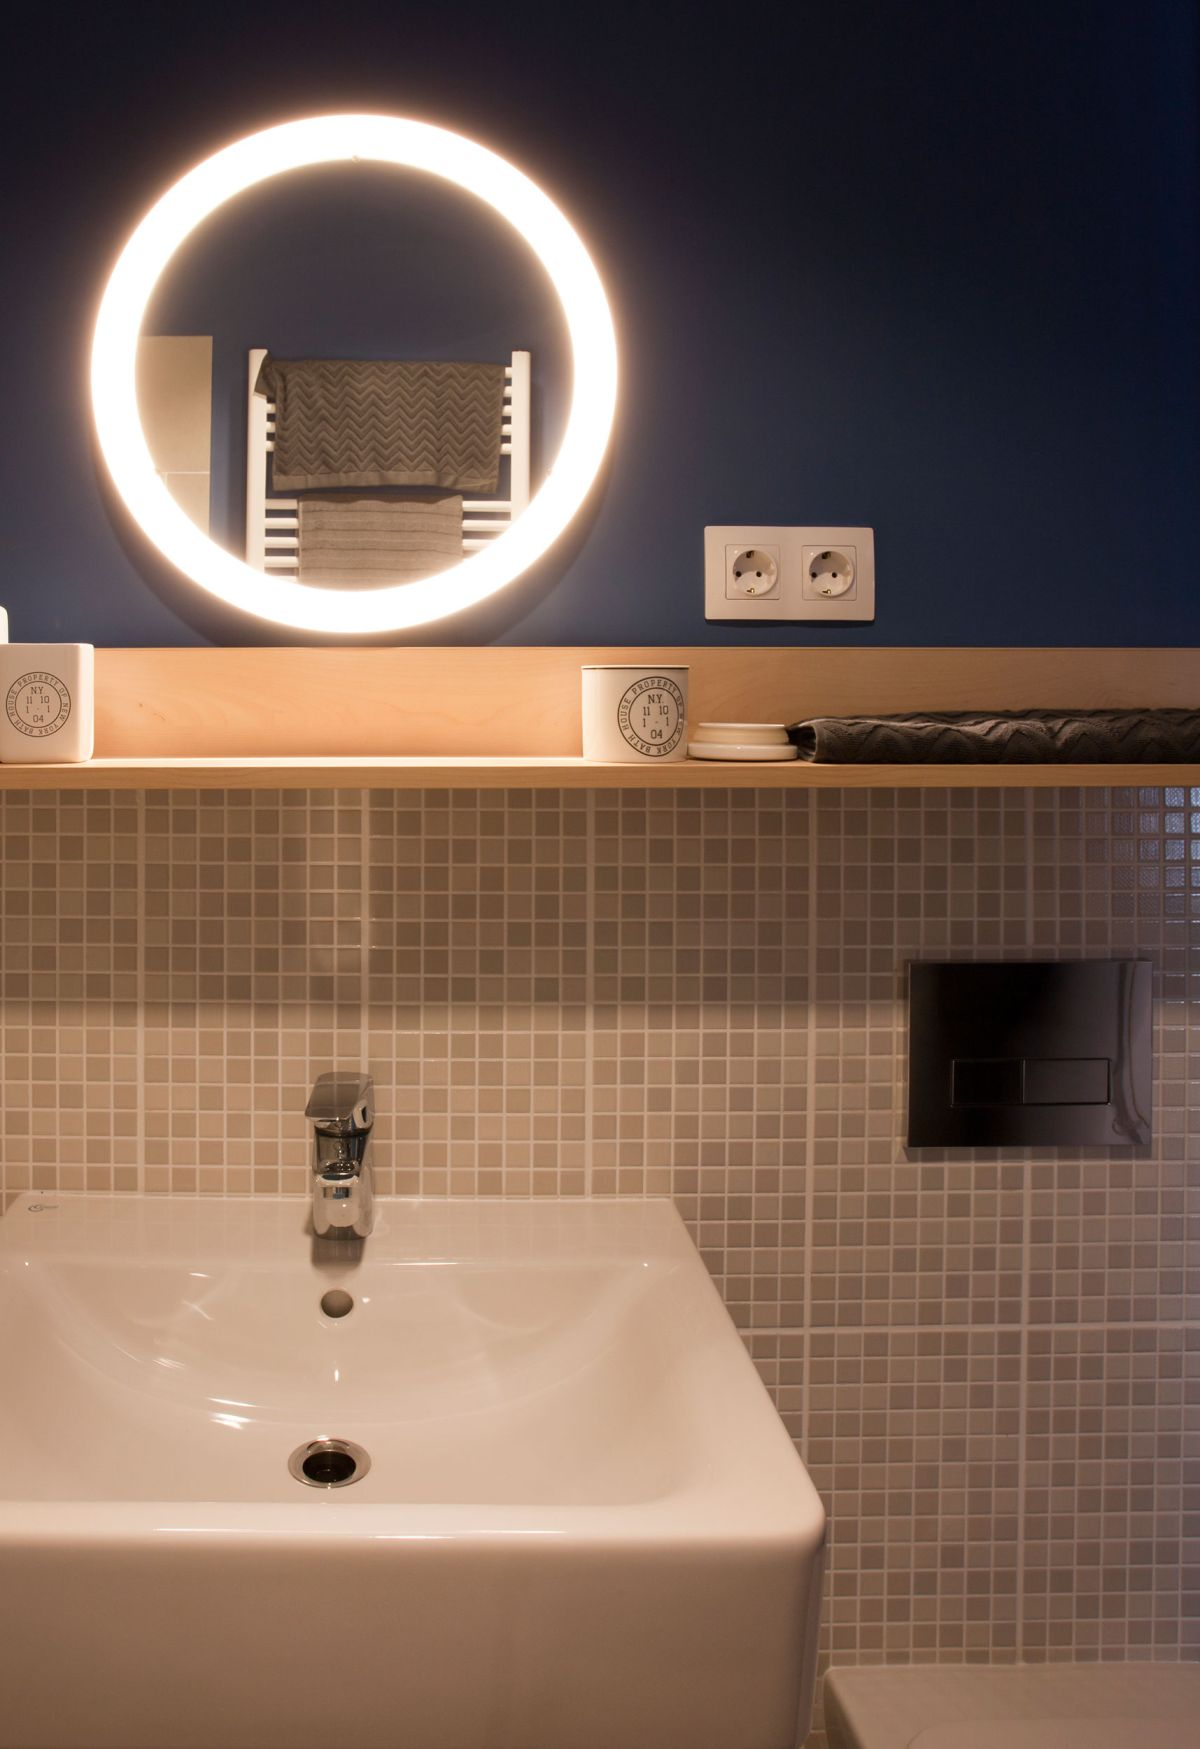 No.3 apartment bathroom sink